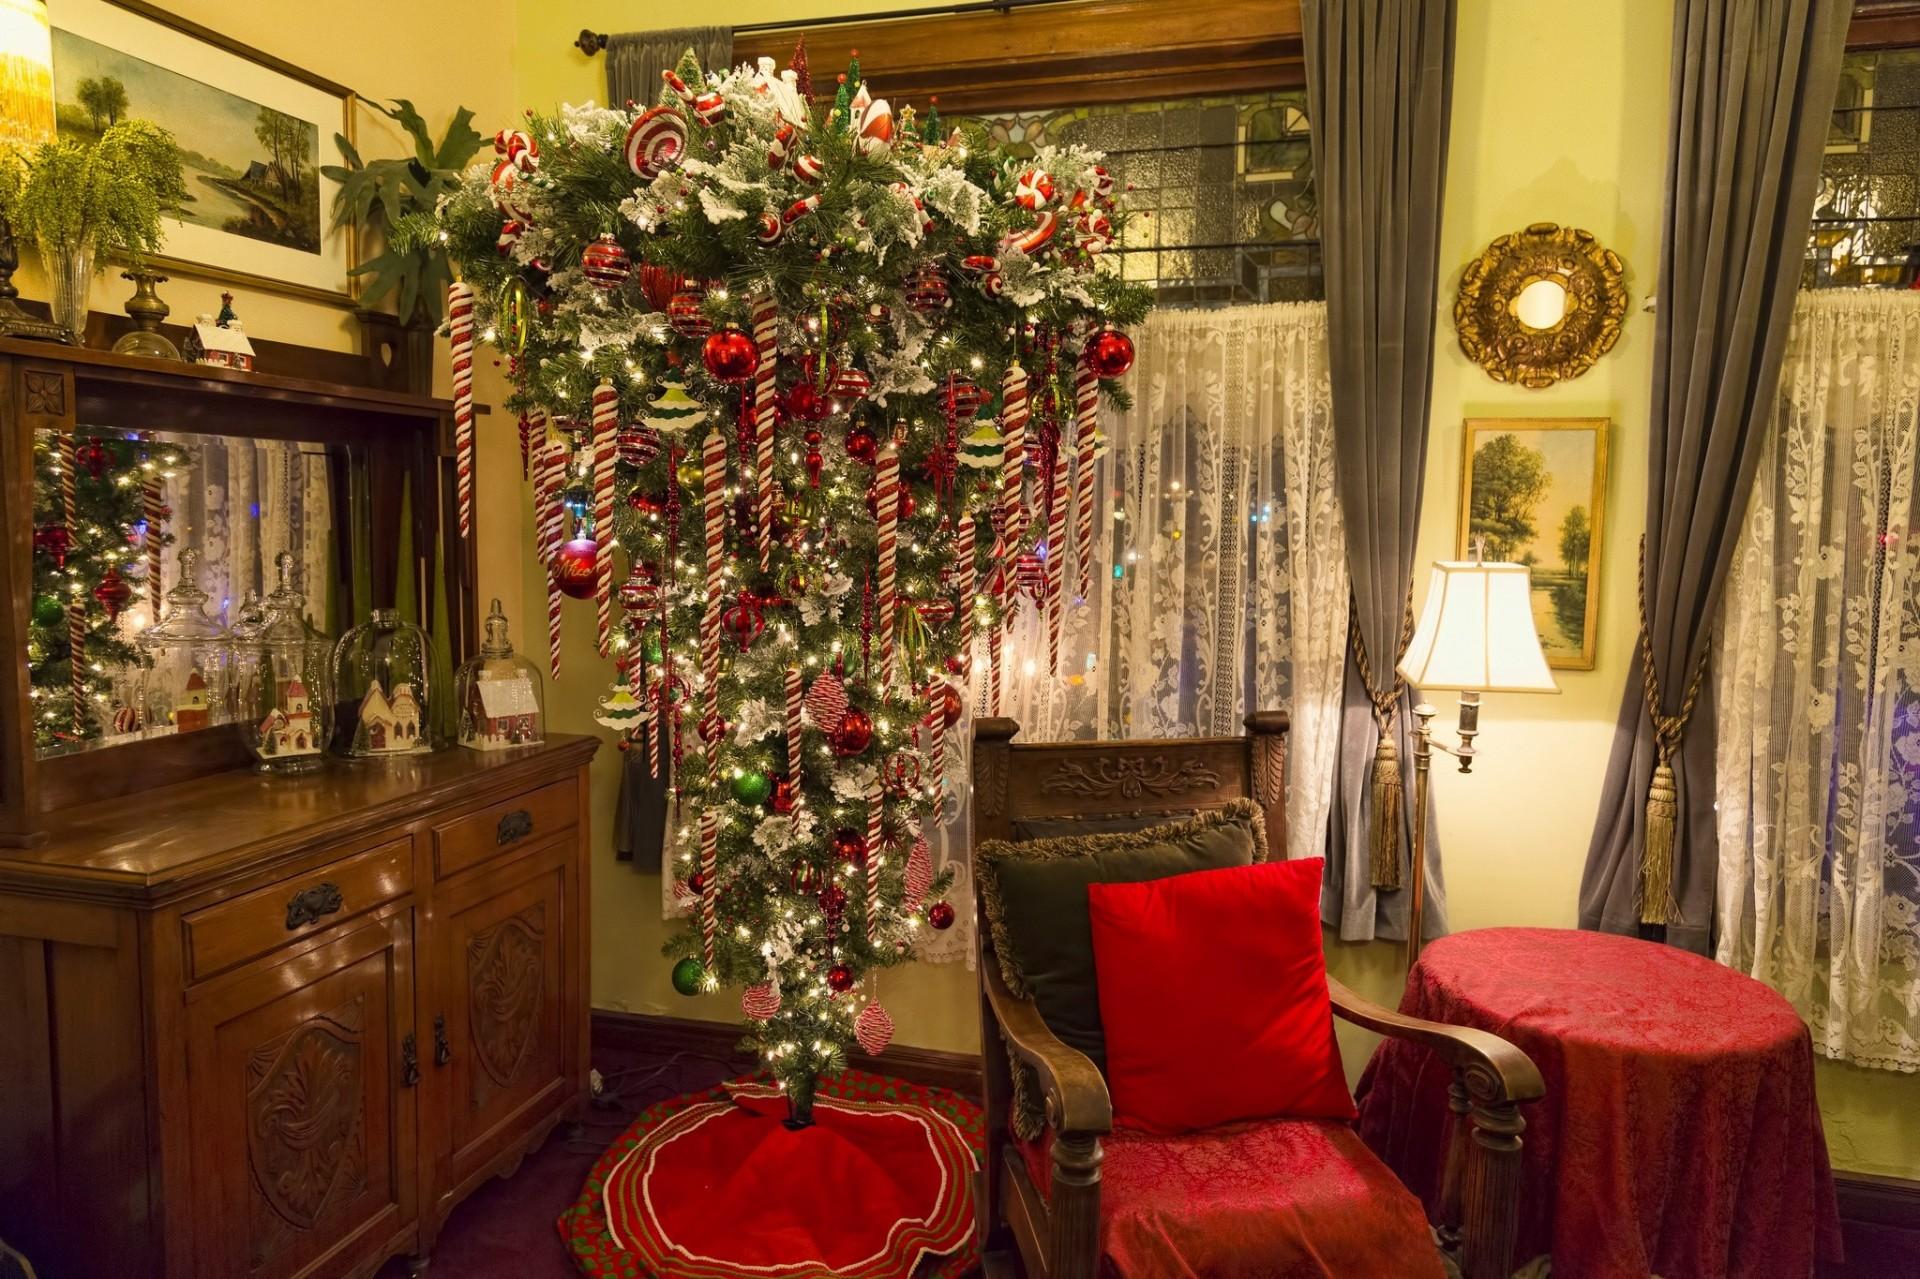 картинка с елкой новогодней на потолке день